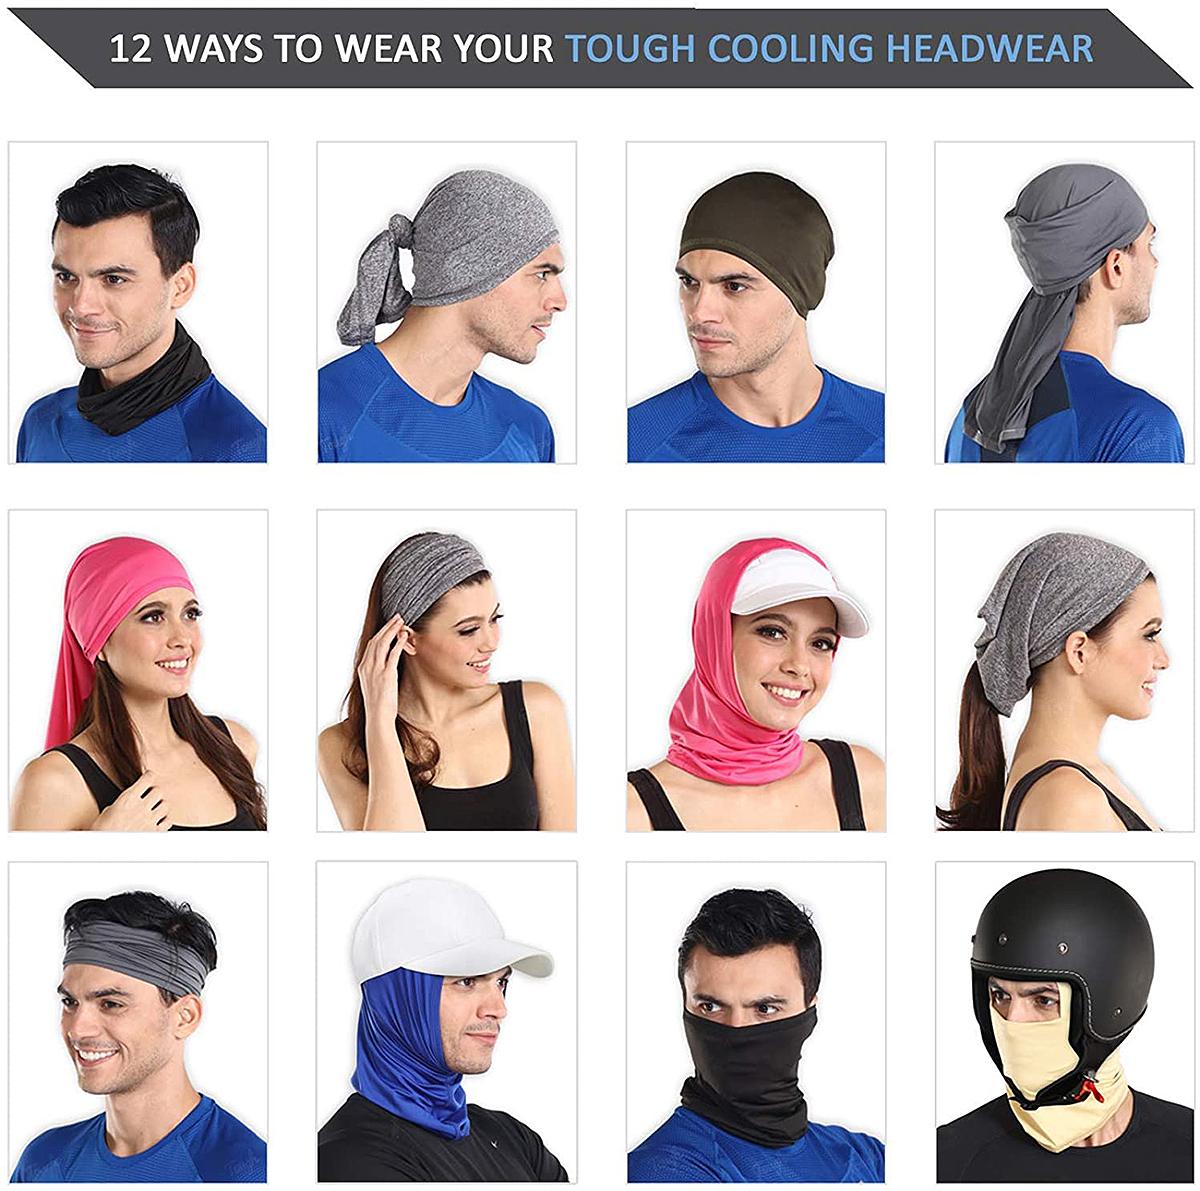 12-ways-face-mask